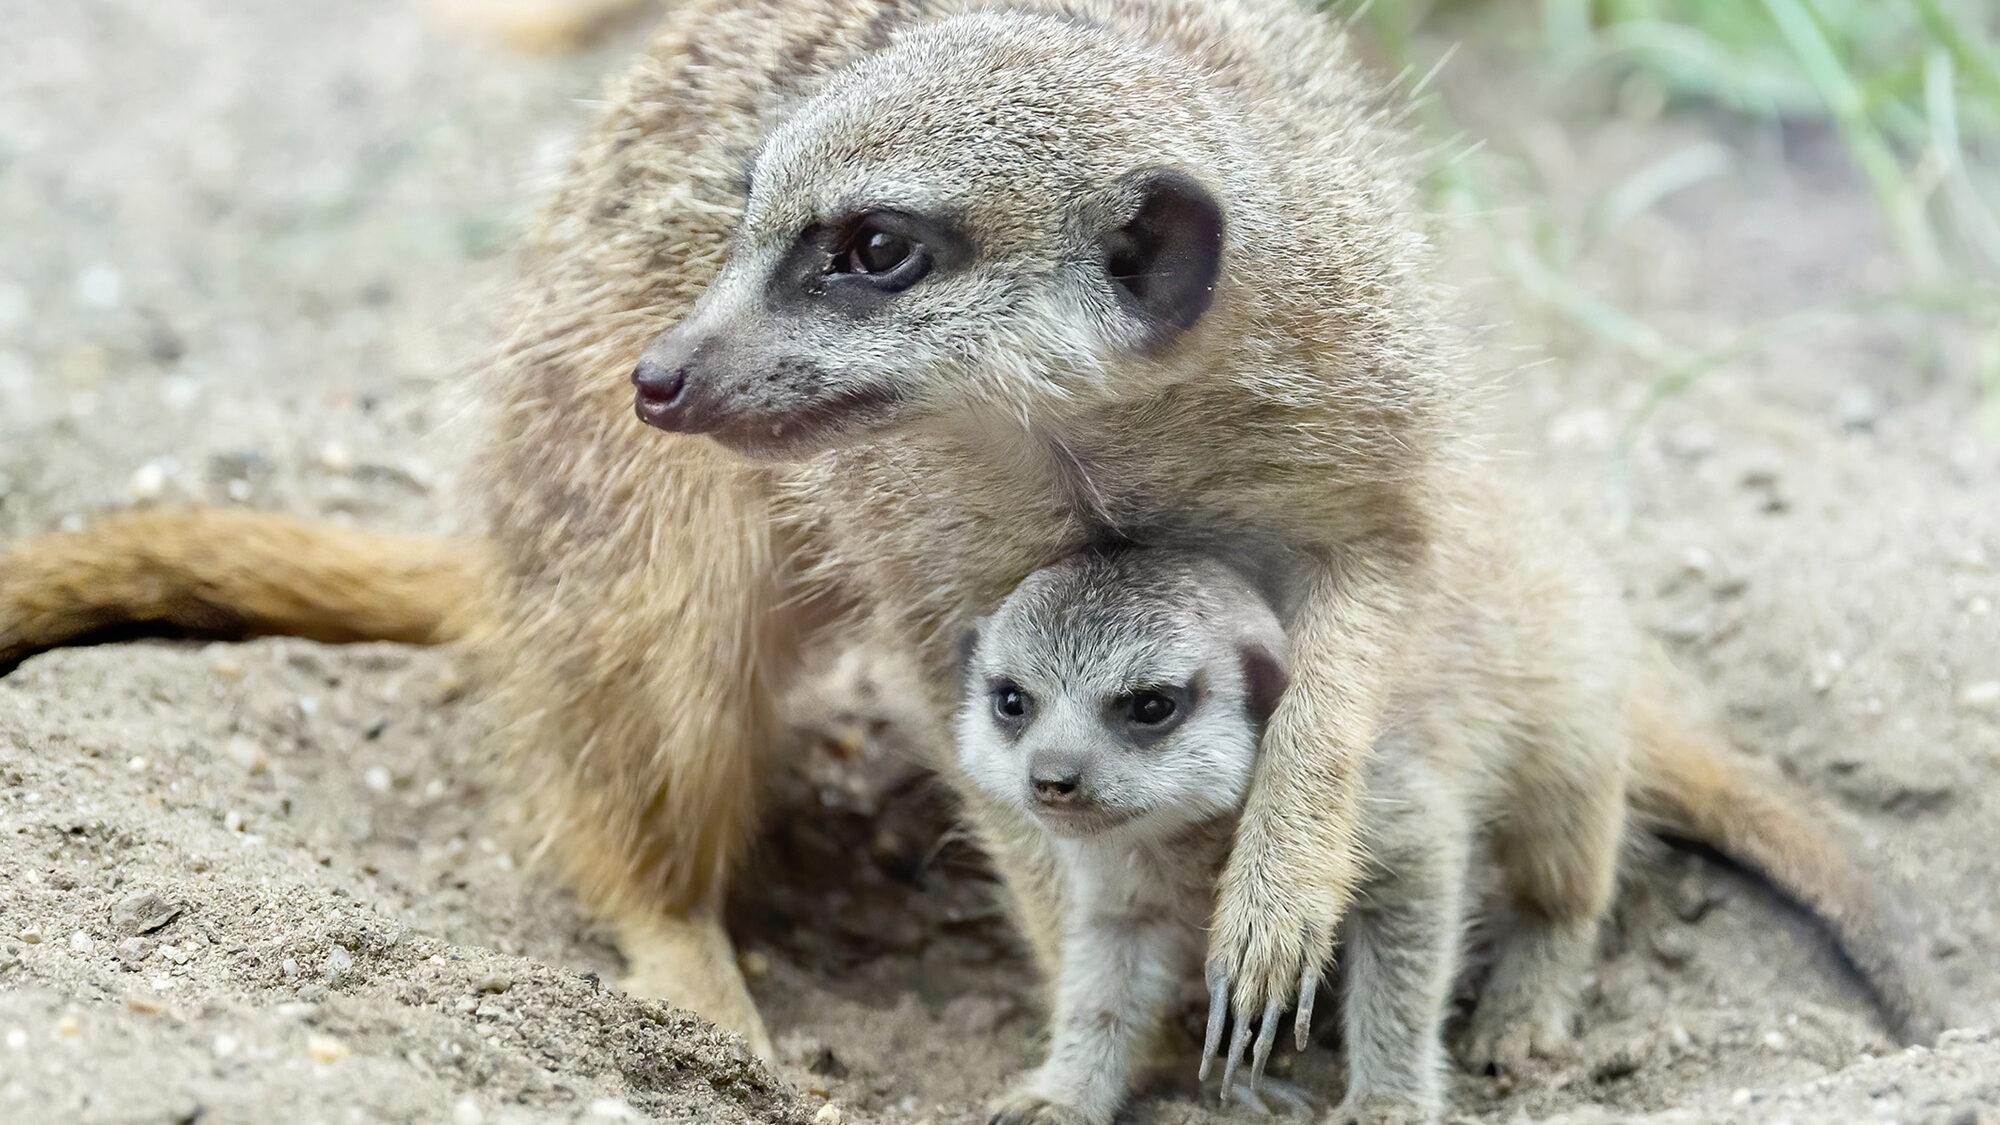 VIDEO: Mother Nurture: Heart-Warming Bond Between Meerkat Mom And Her Pup